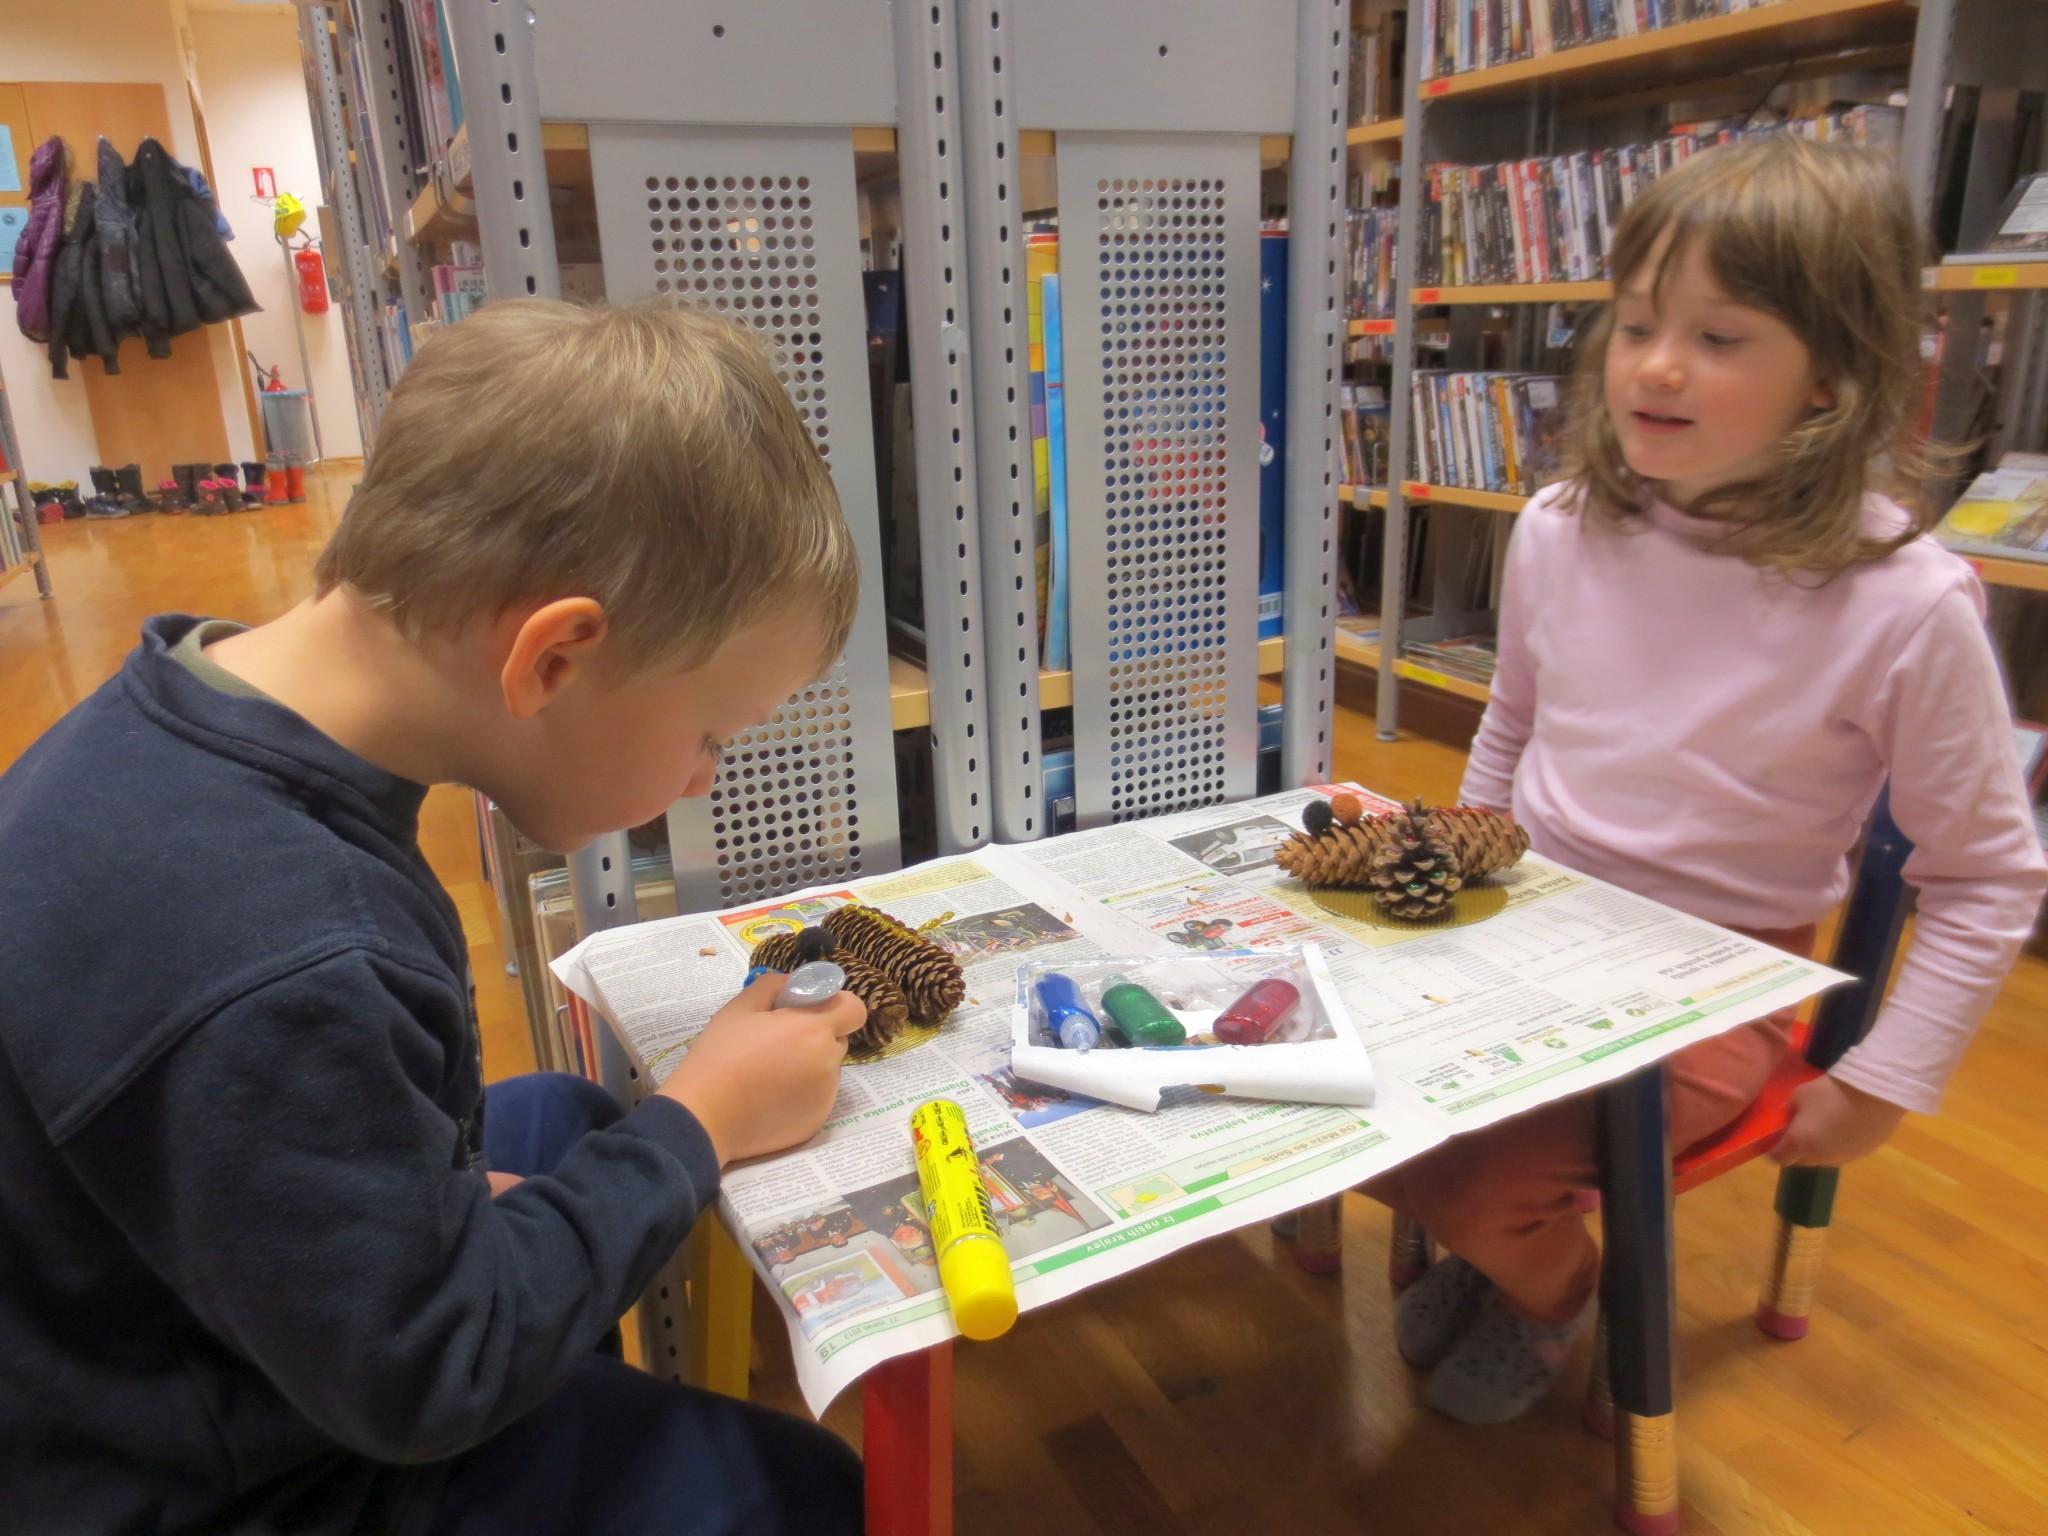 IMG 3207 - Pravljična ura in ustvarjalna delavnica za otroke od 4. leta dalje